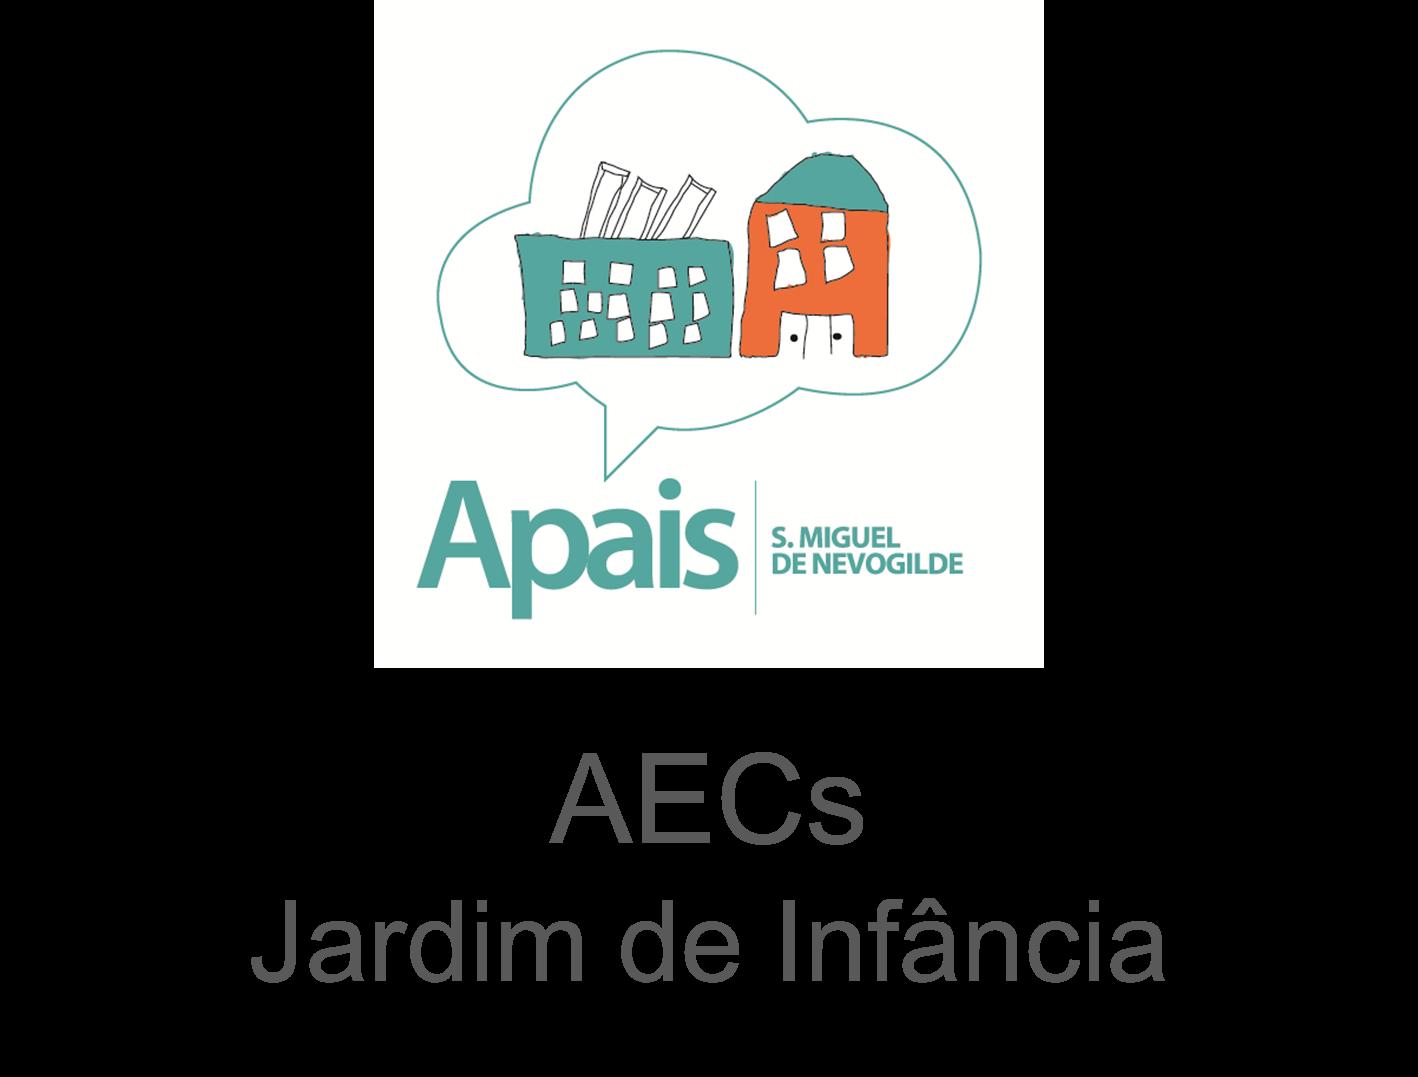 AECs | Jardim de Infância